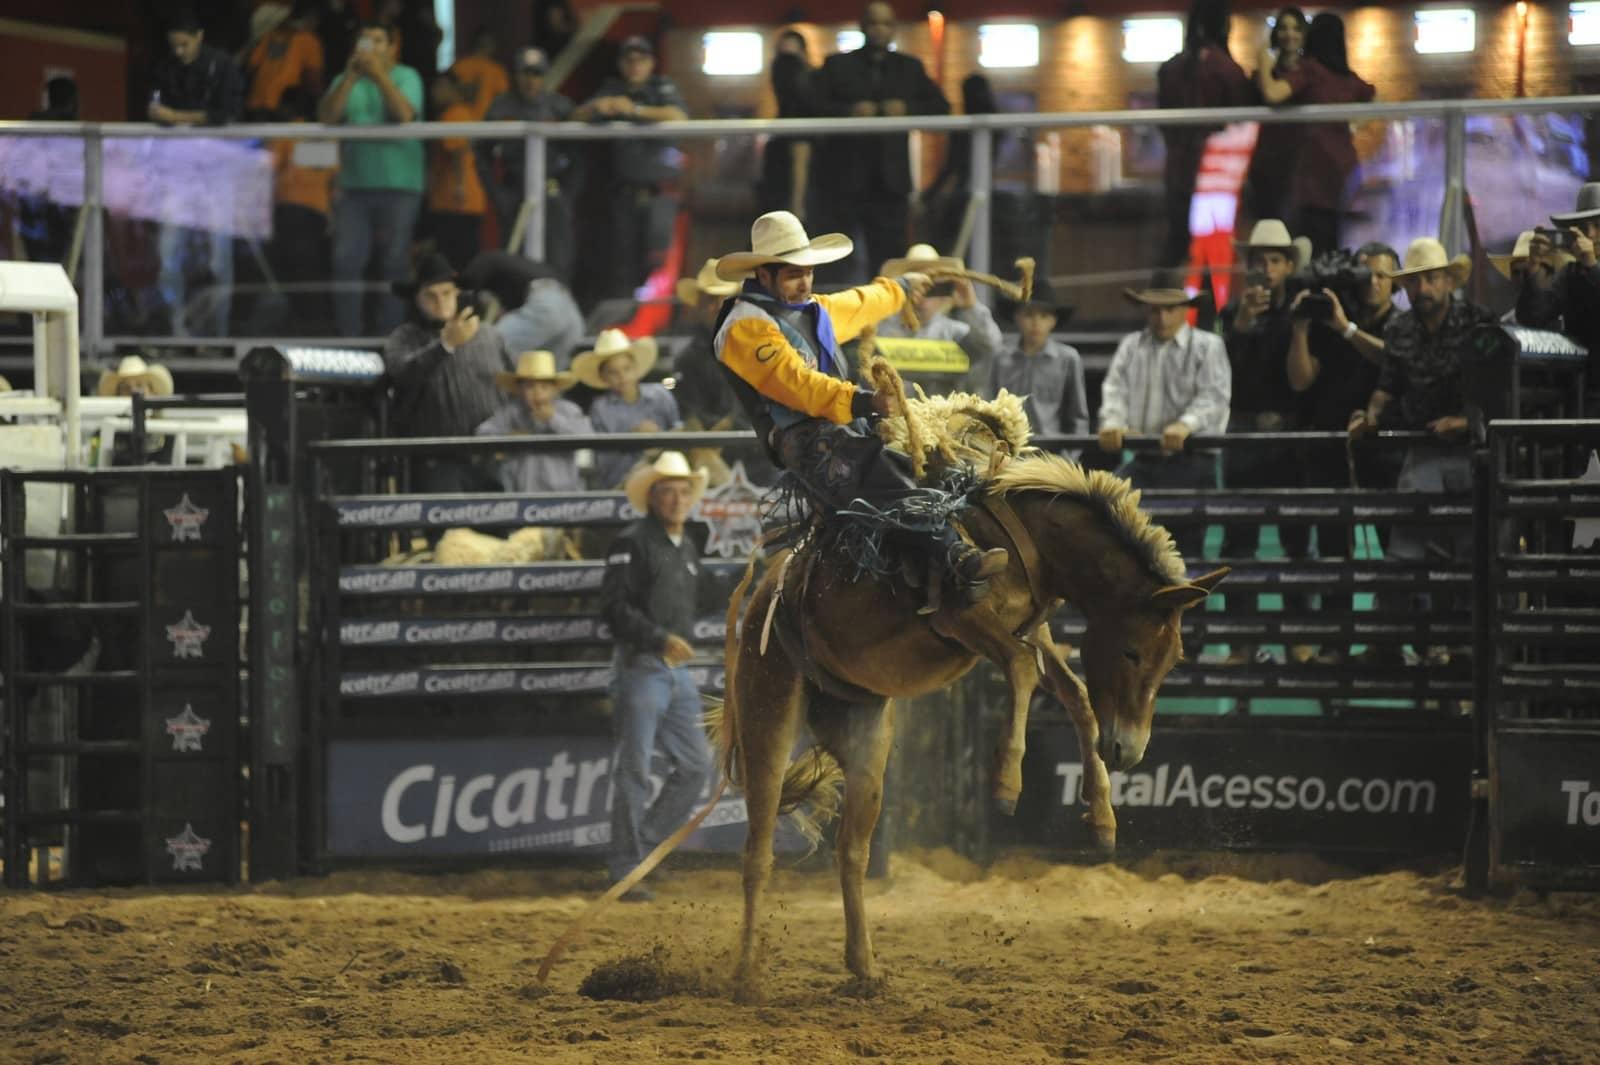 Atleta praticante da modalidade de montaria em burro — Foto: Júlio Cesar Costa/G1